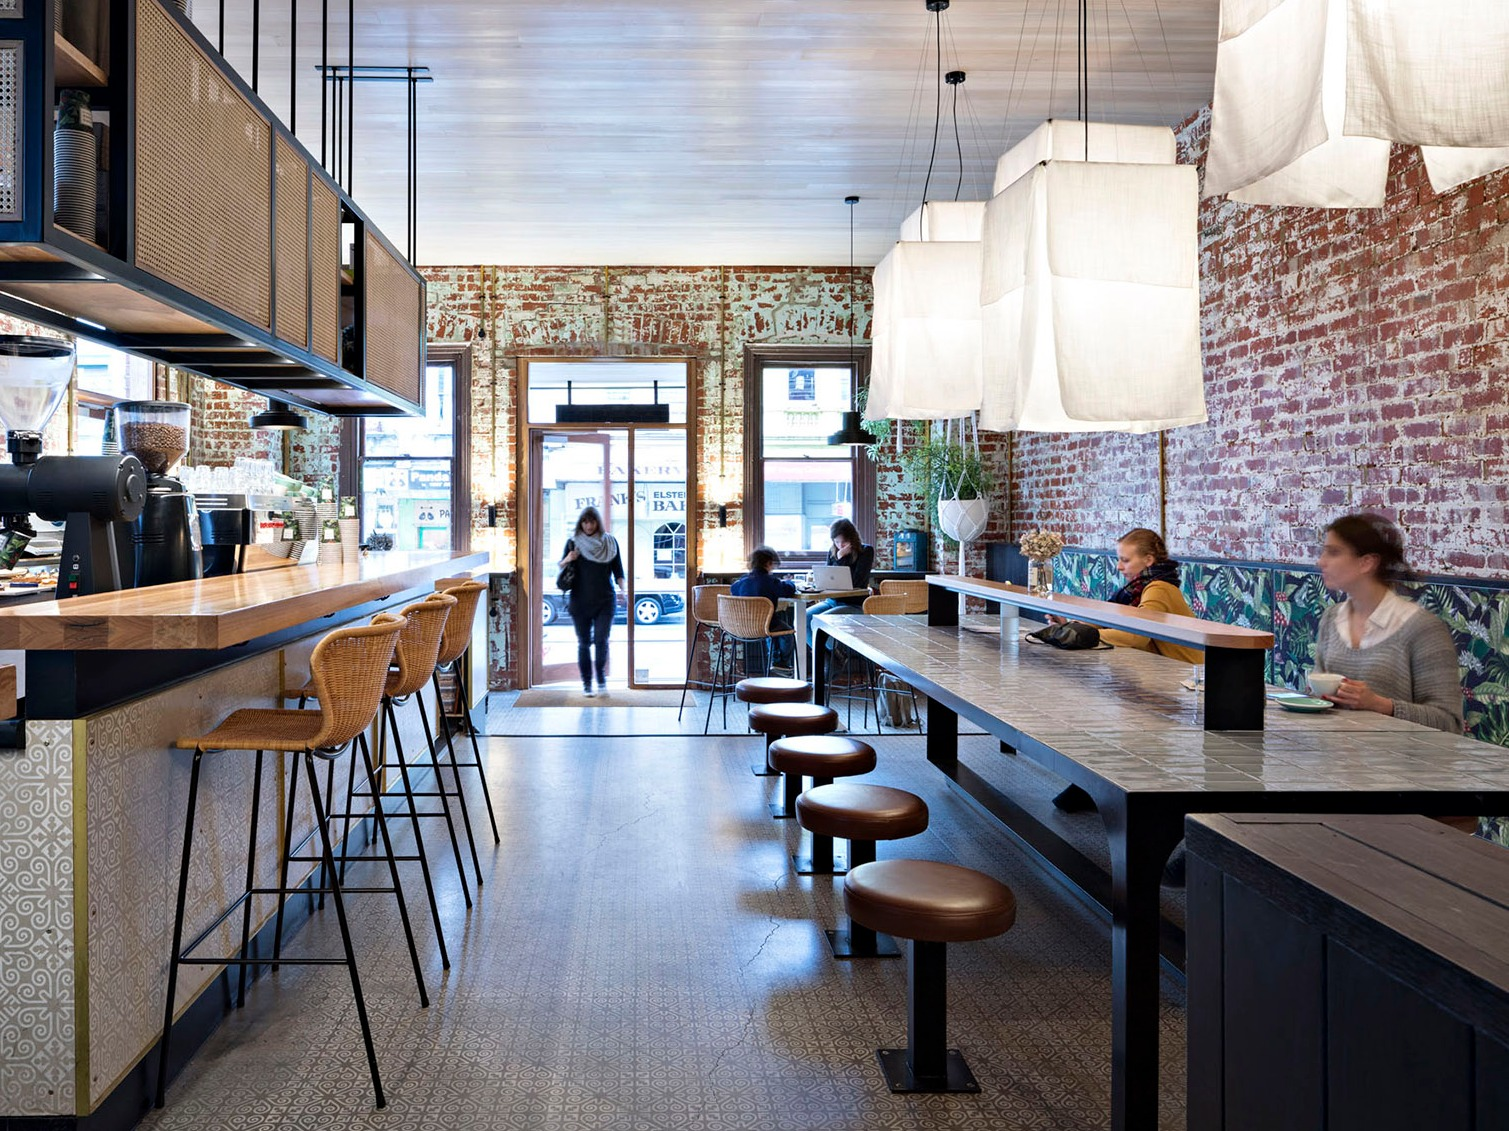 澳大利亚Bang Bang咖啡与酒吧,朴素又不失优雅